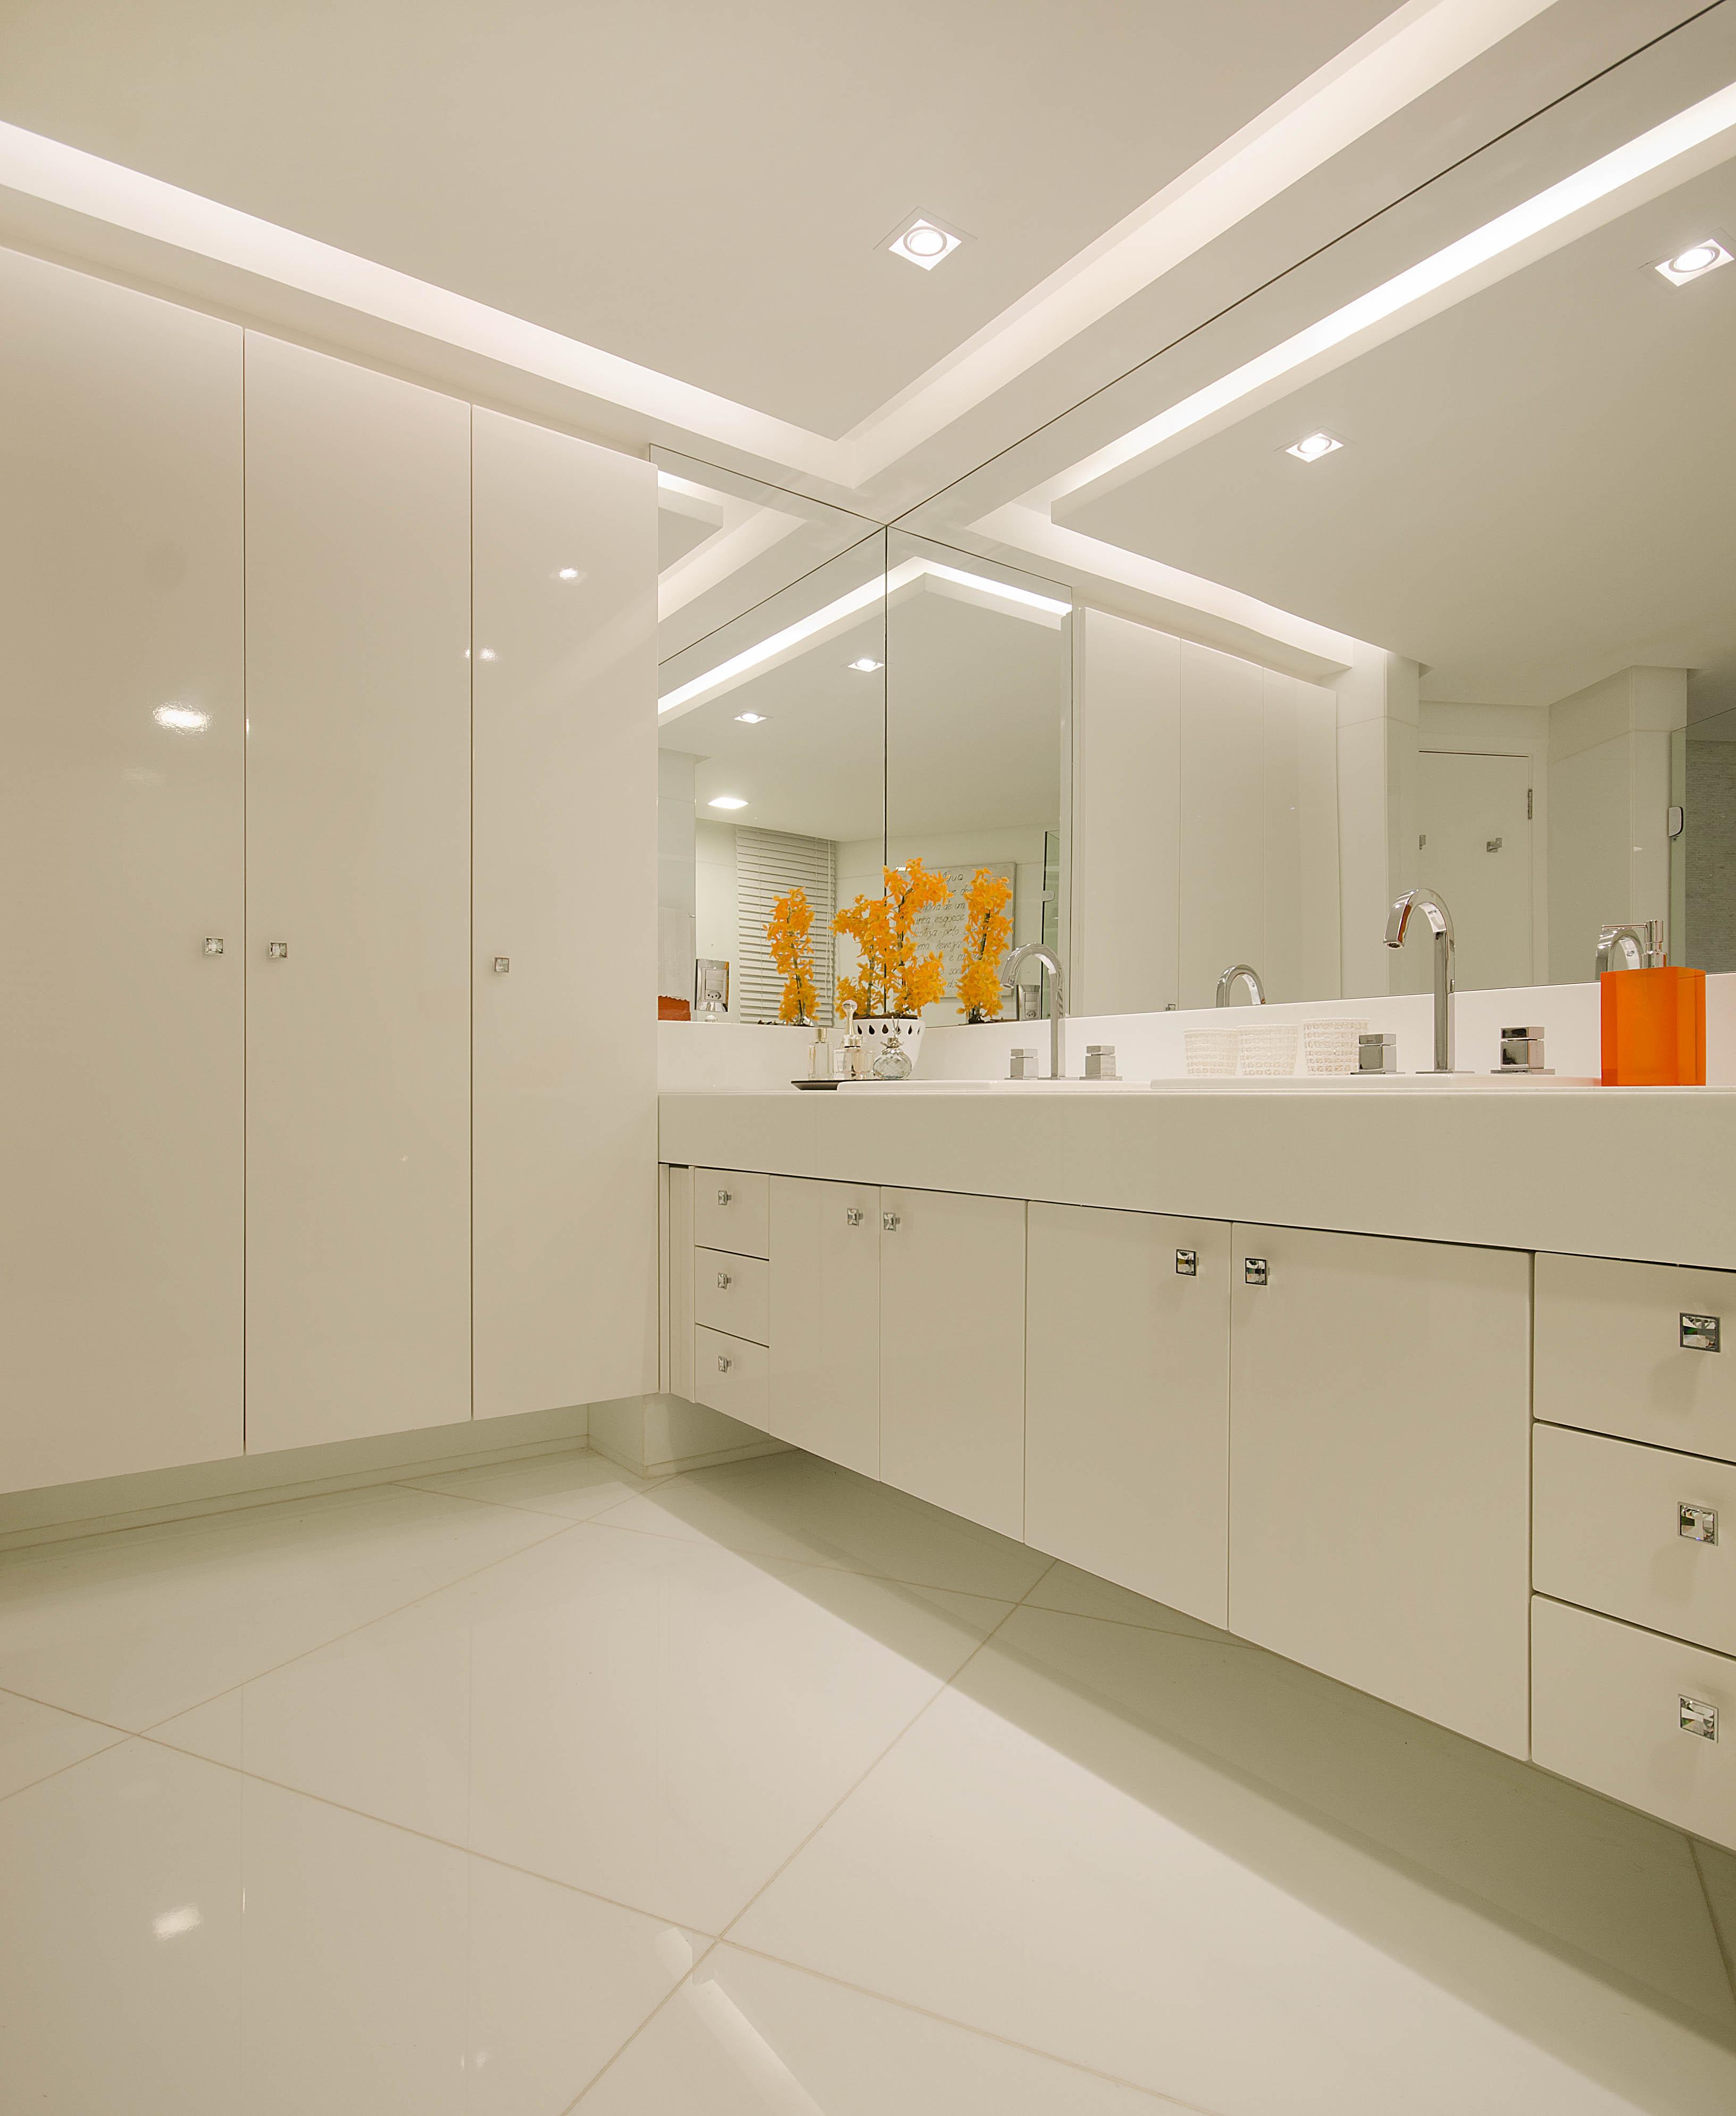 Assim fica muito mais fácil acertar as cores na hora de decorar  #CB4B00 3264x3979 Banheiro De Luxo Com Hidro